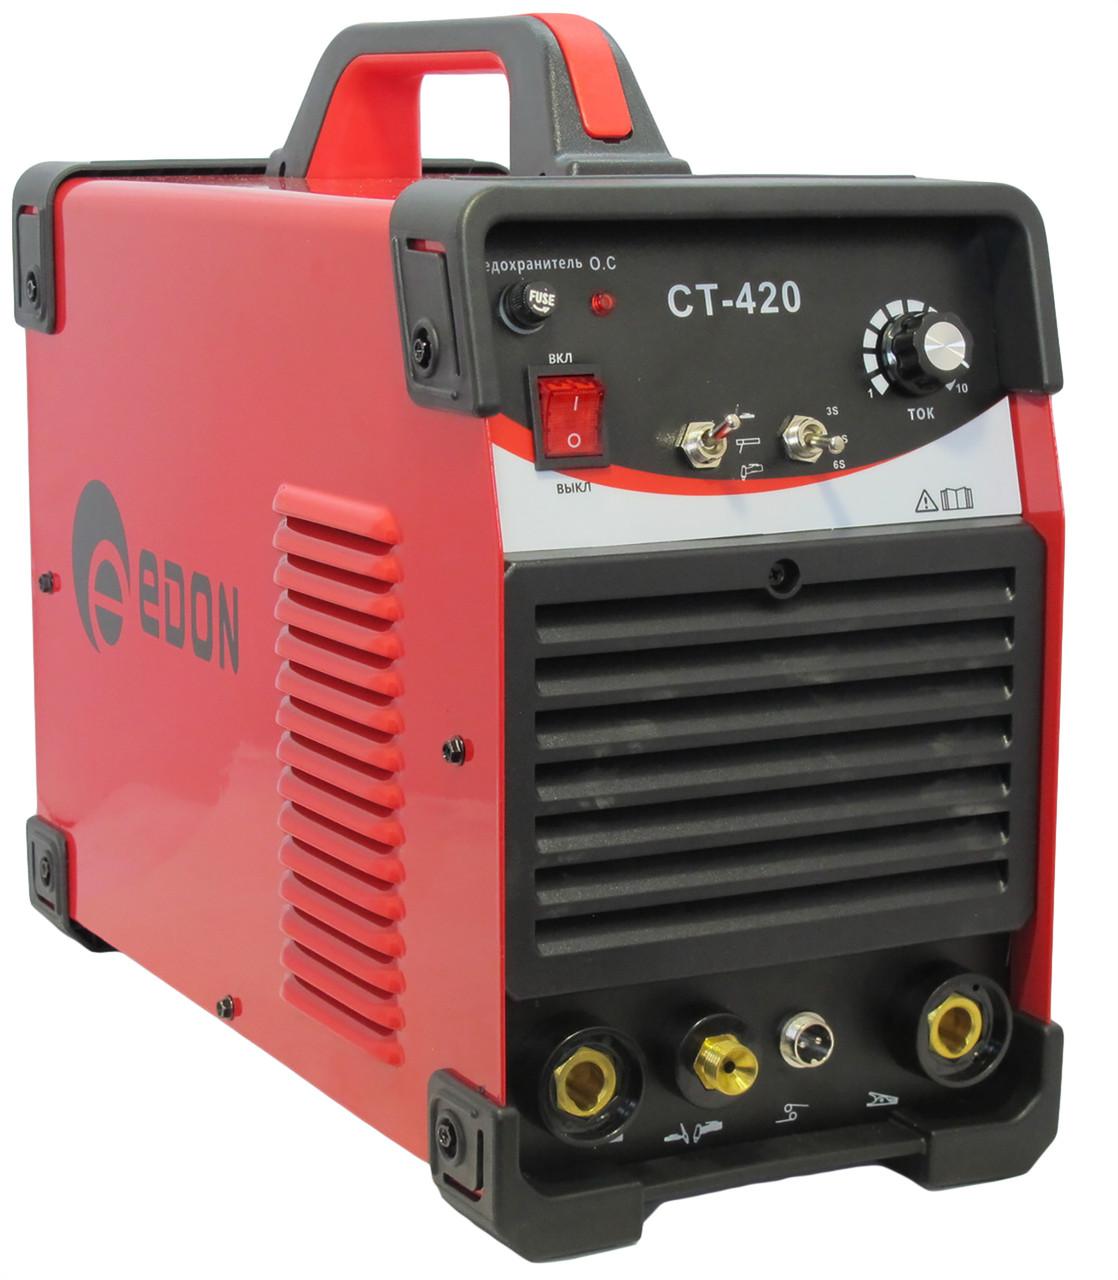 Купить многофункциональный сварочный аппарат стабилизаторы напряжения для электрокотлов отопления